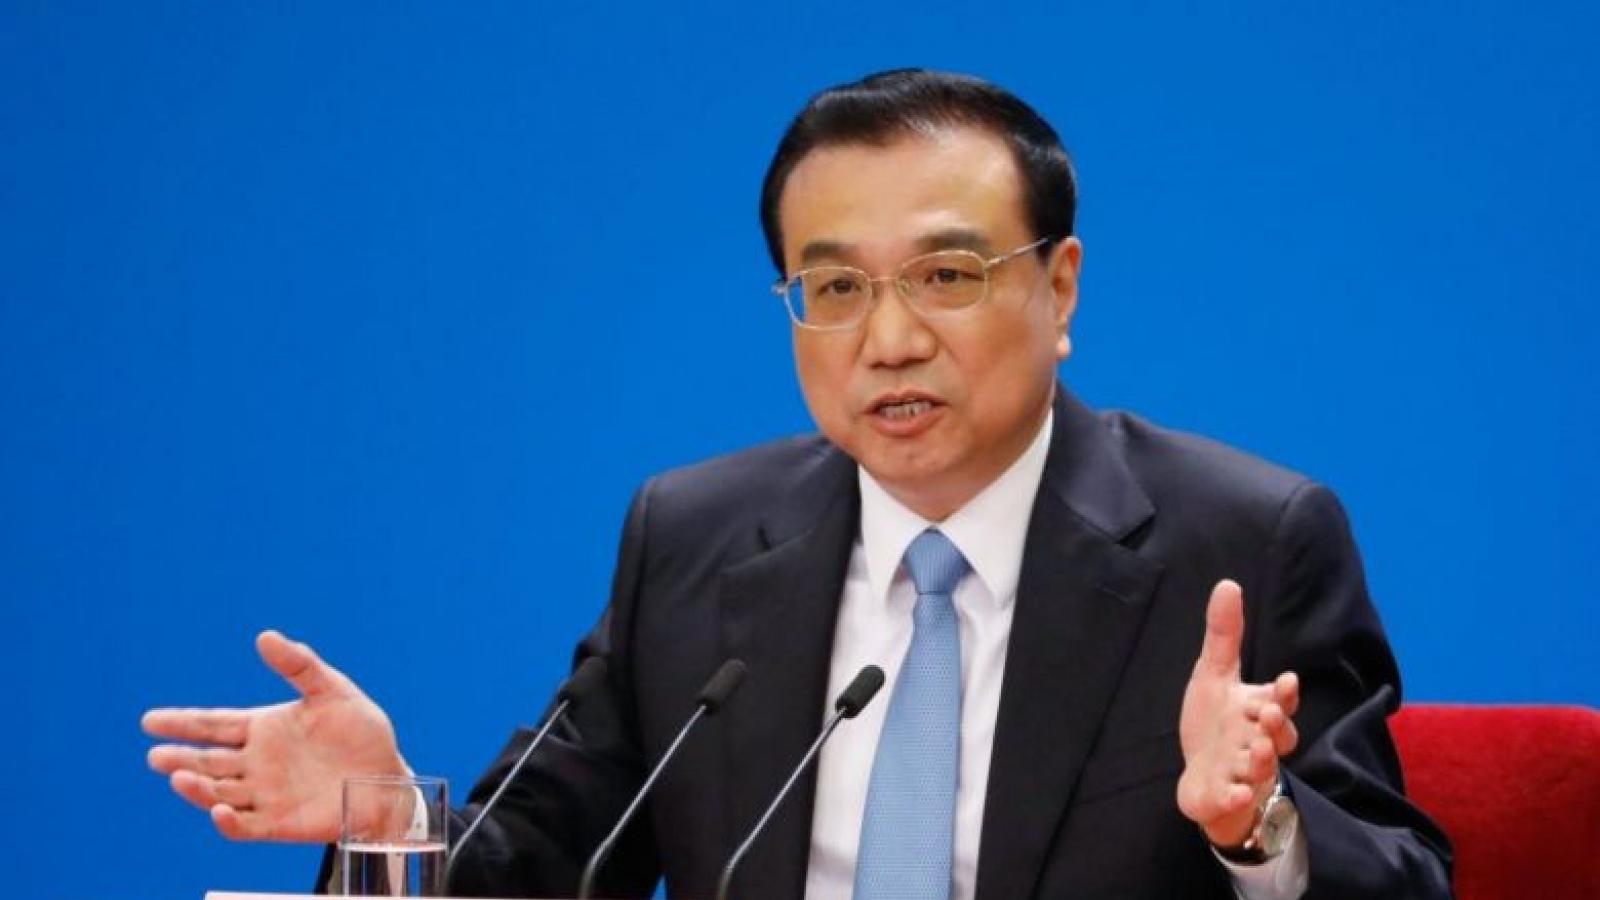 Thủ tướng Trung Quốc sẽ dự các hội nghị cấp cao hợp tác Đông Á